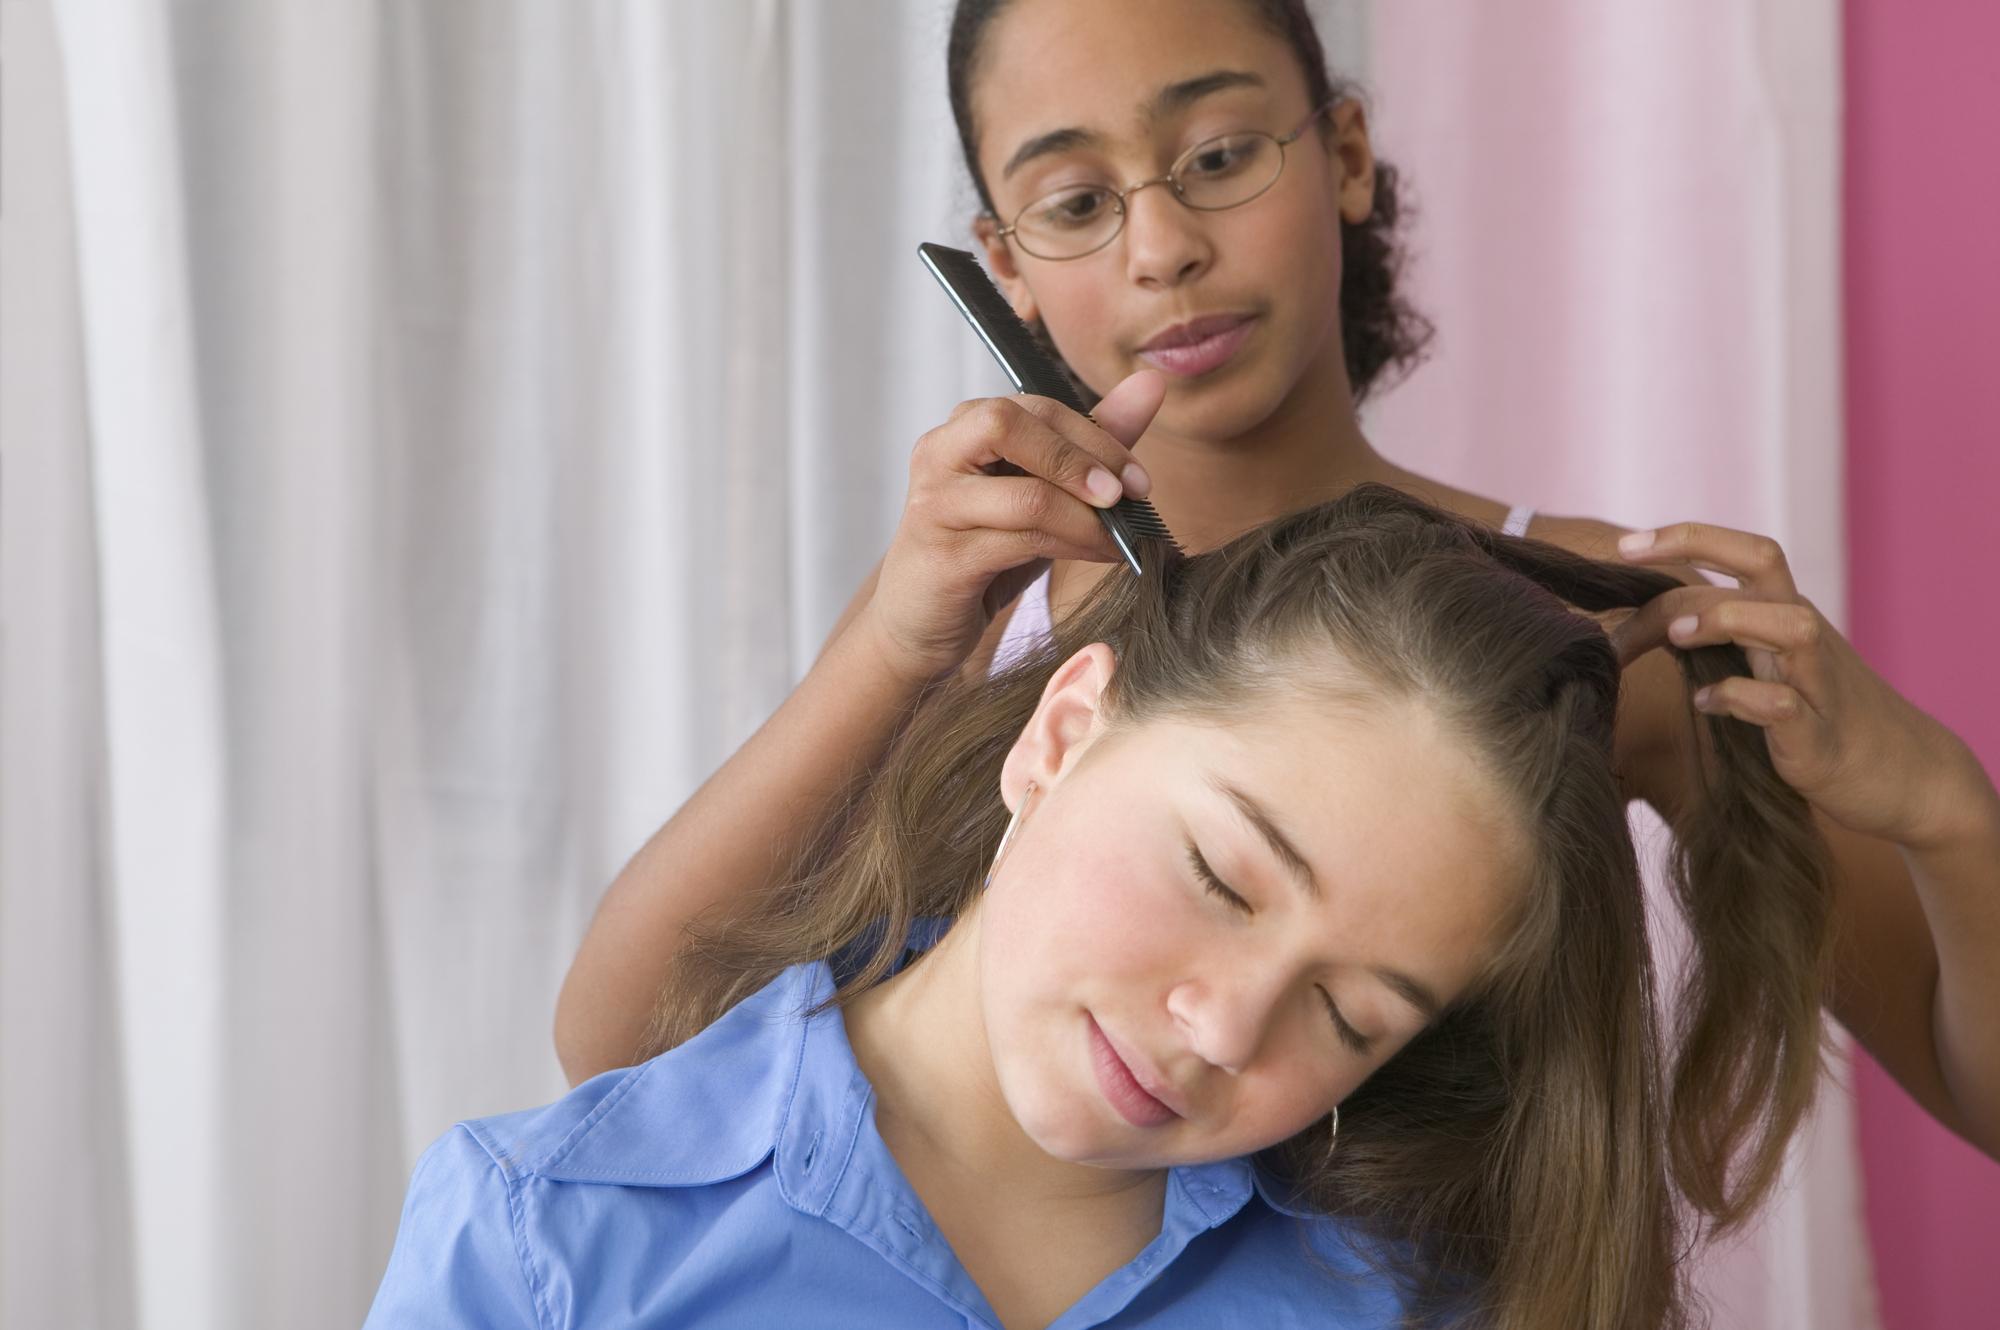 女性の薄毛はレーザー治療で改善可能!?【育毛効果を検証】